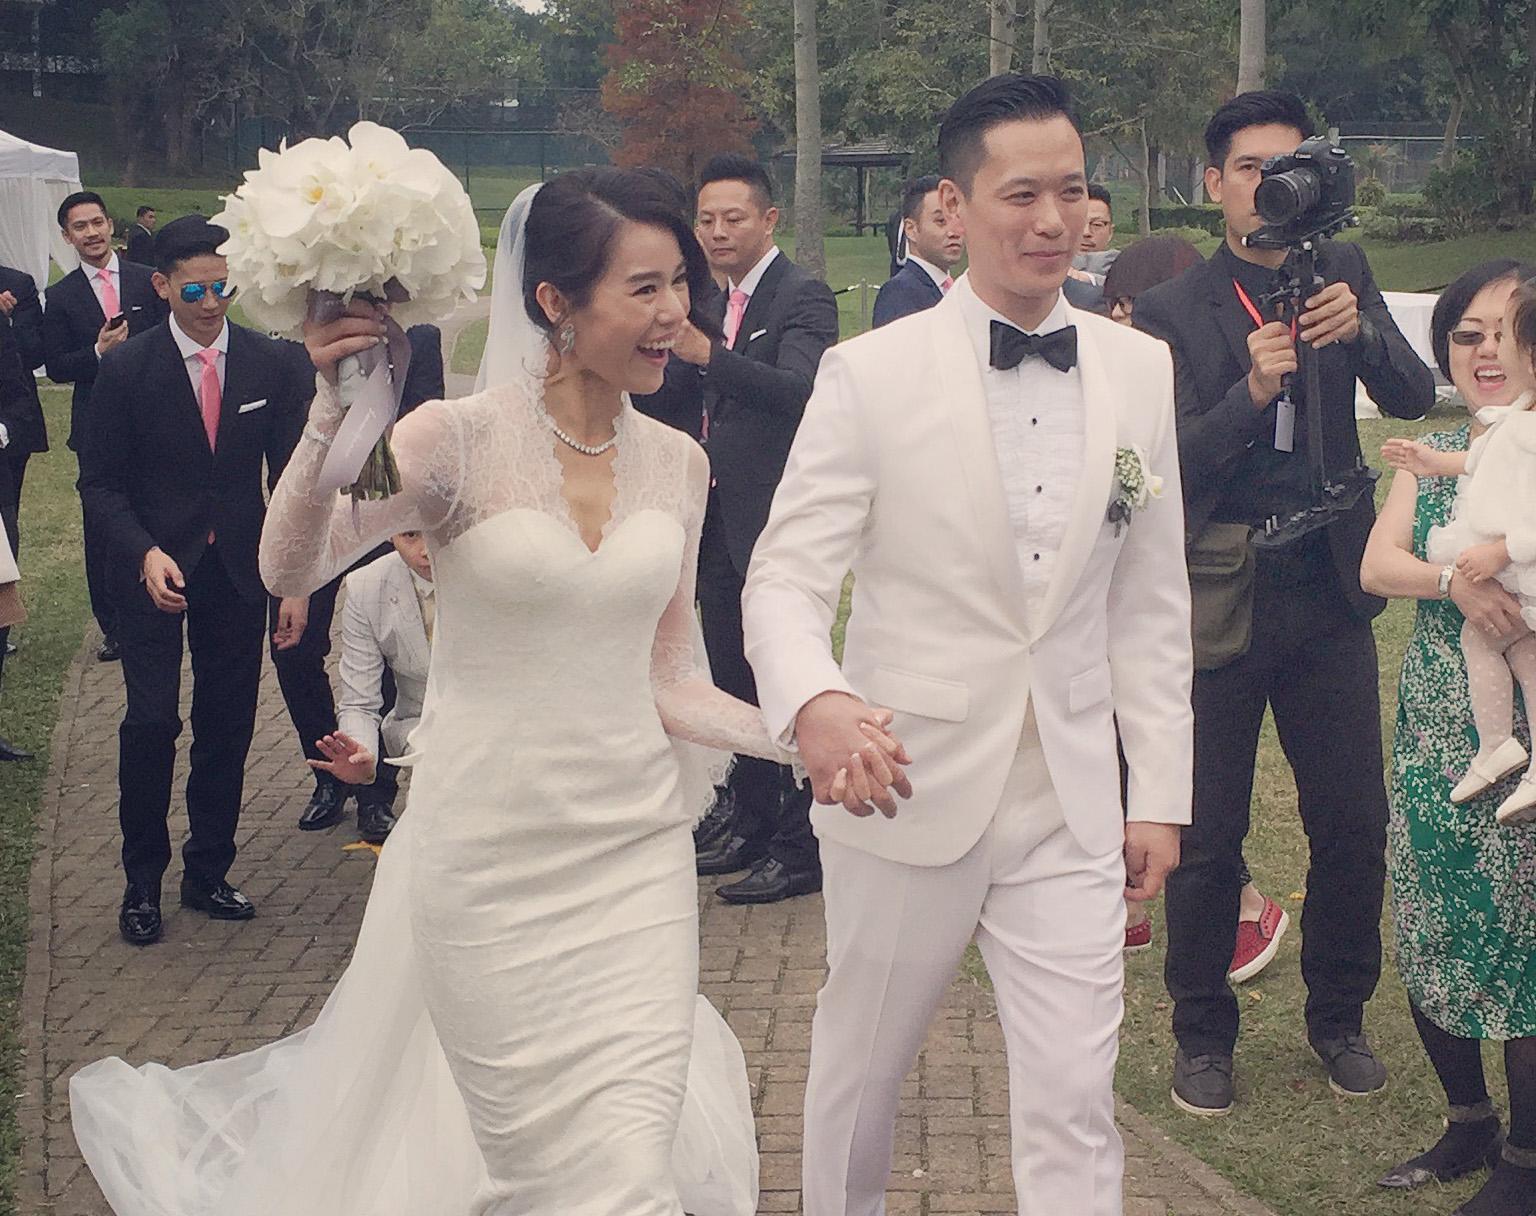 胡杏儿大婚换白色礼服变公主 与友人合影